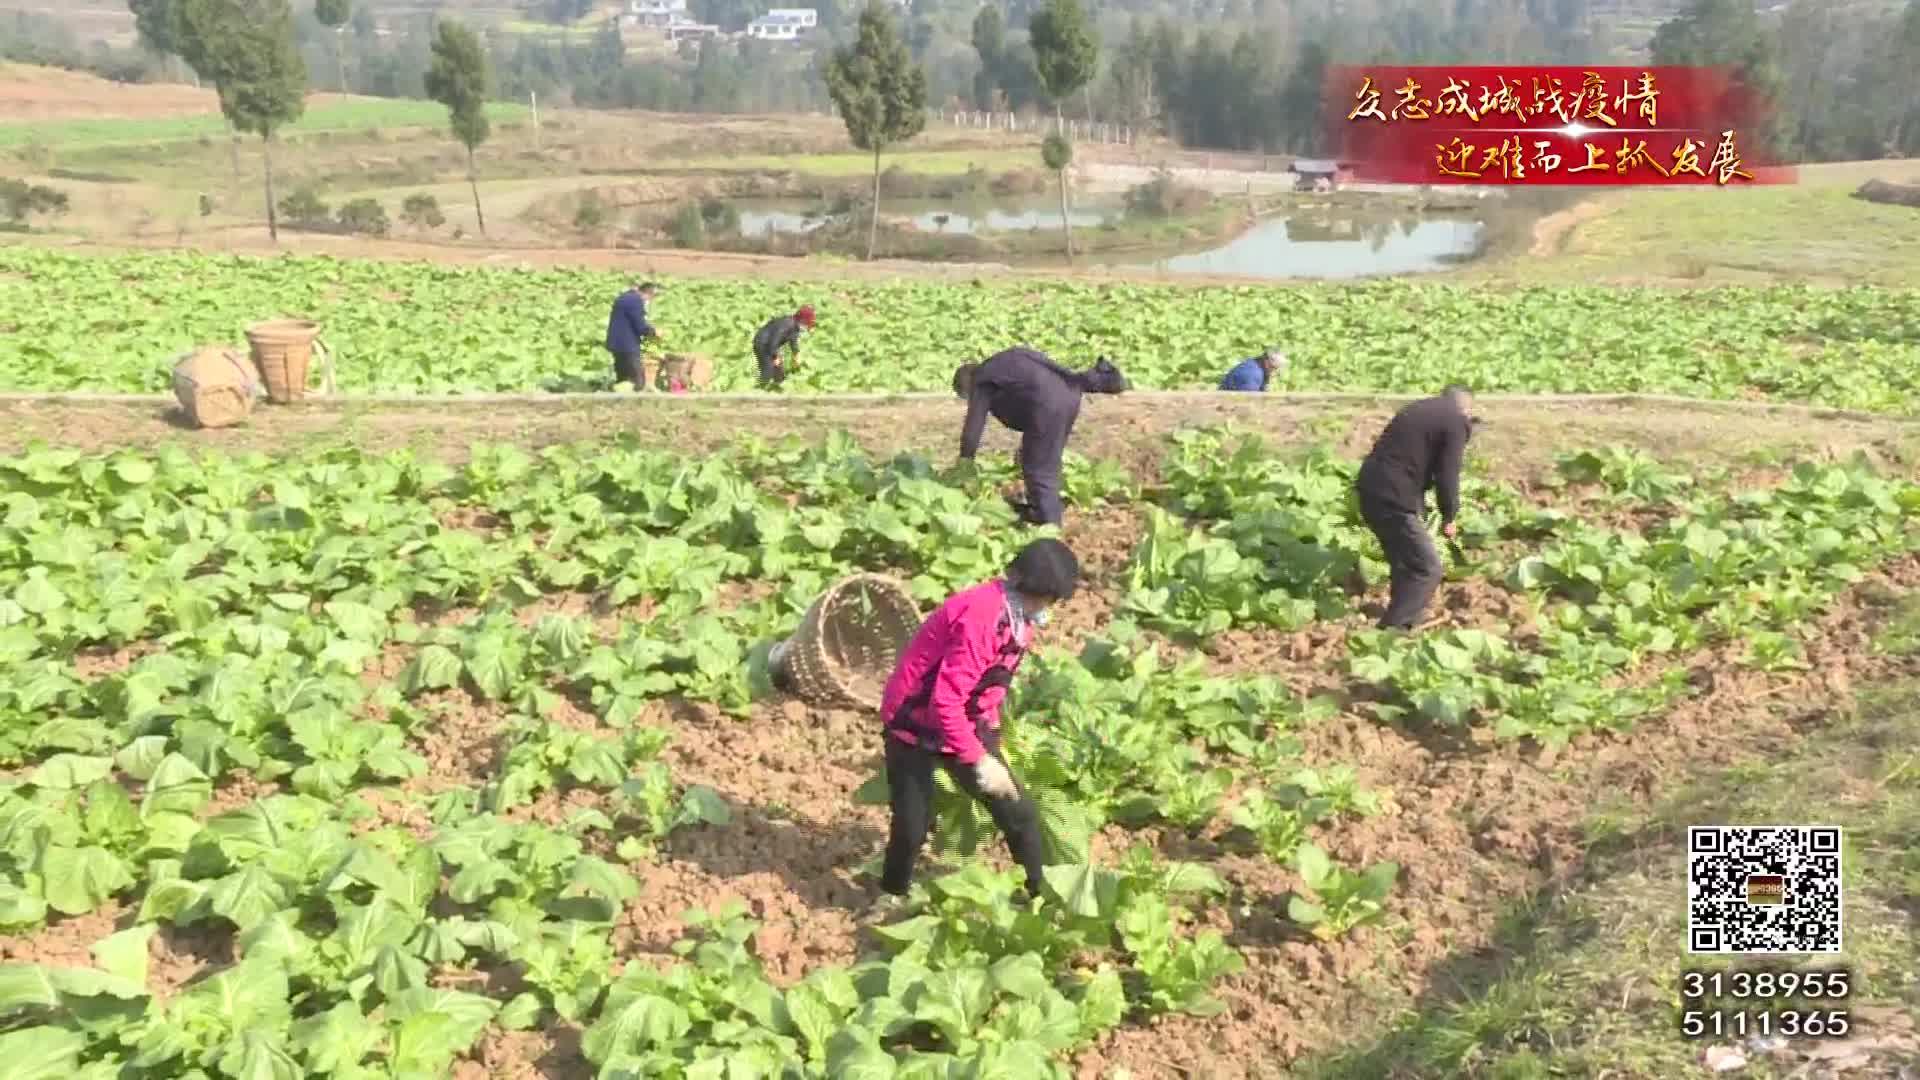 三万斤蔬菜援抗疫一线